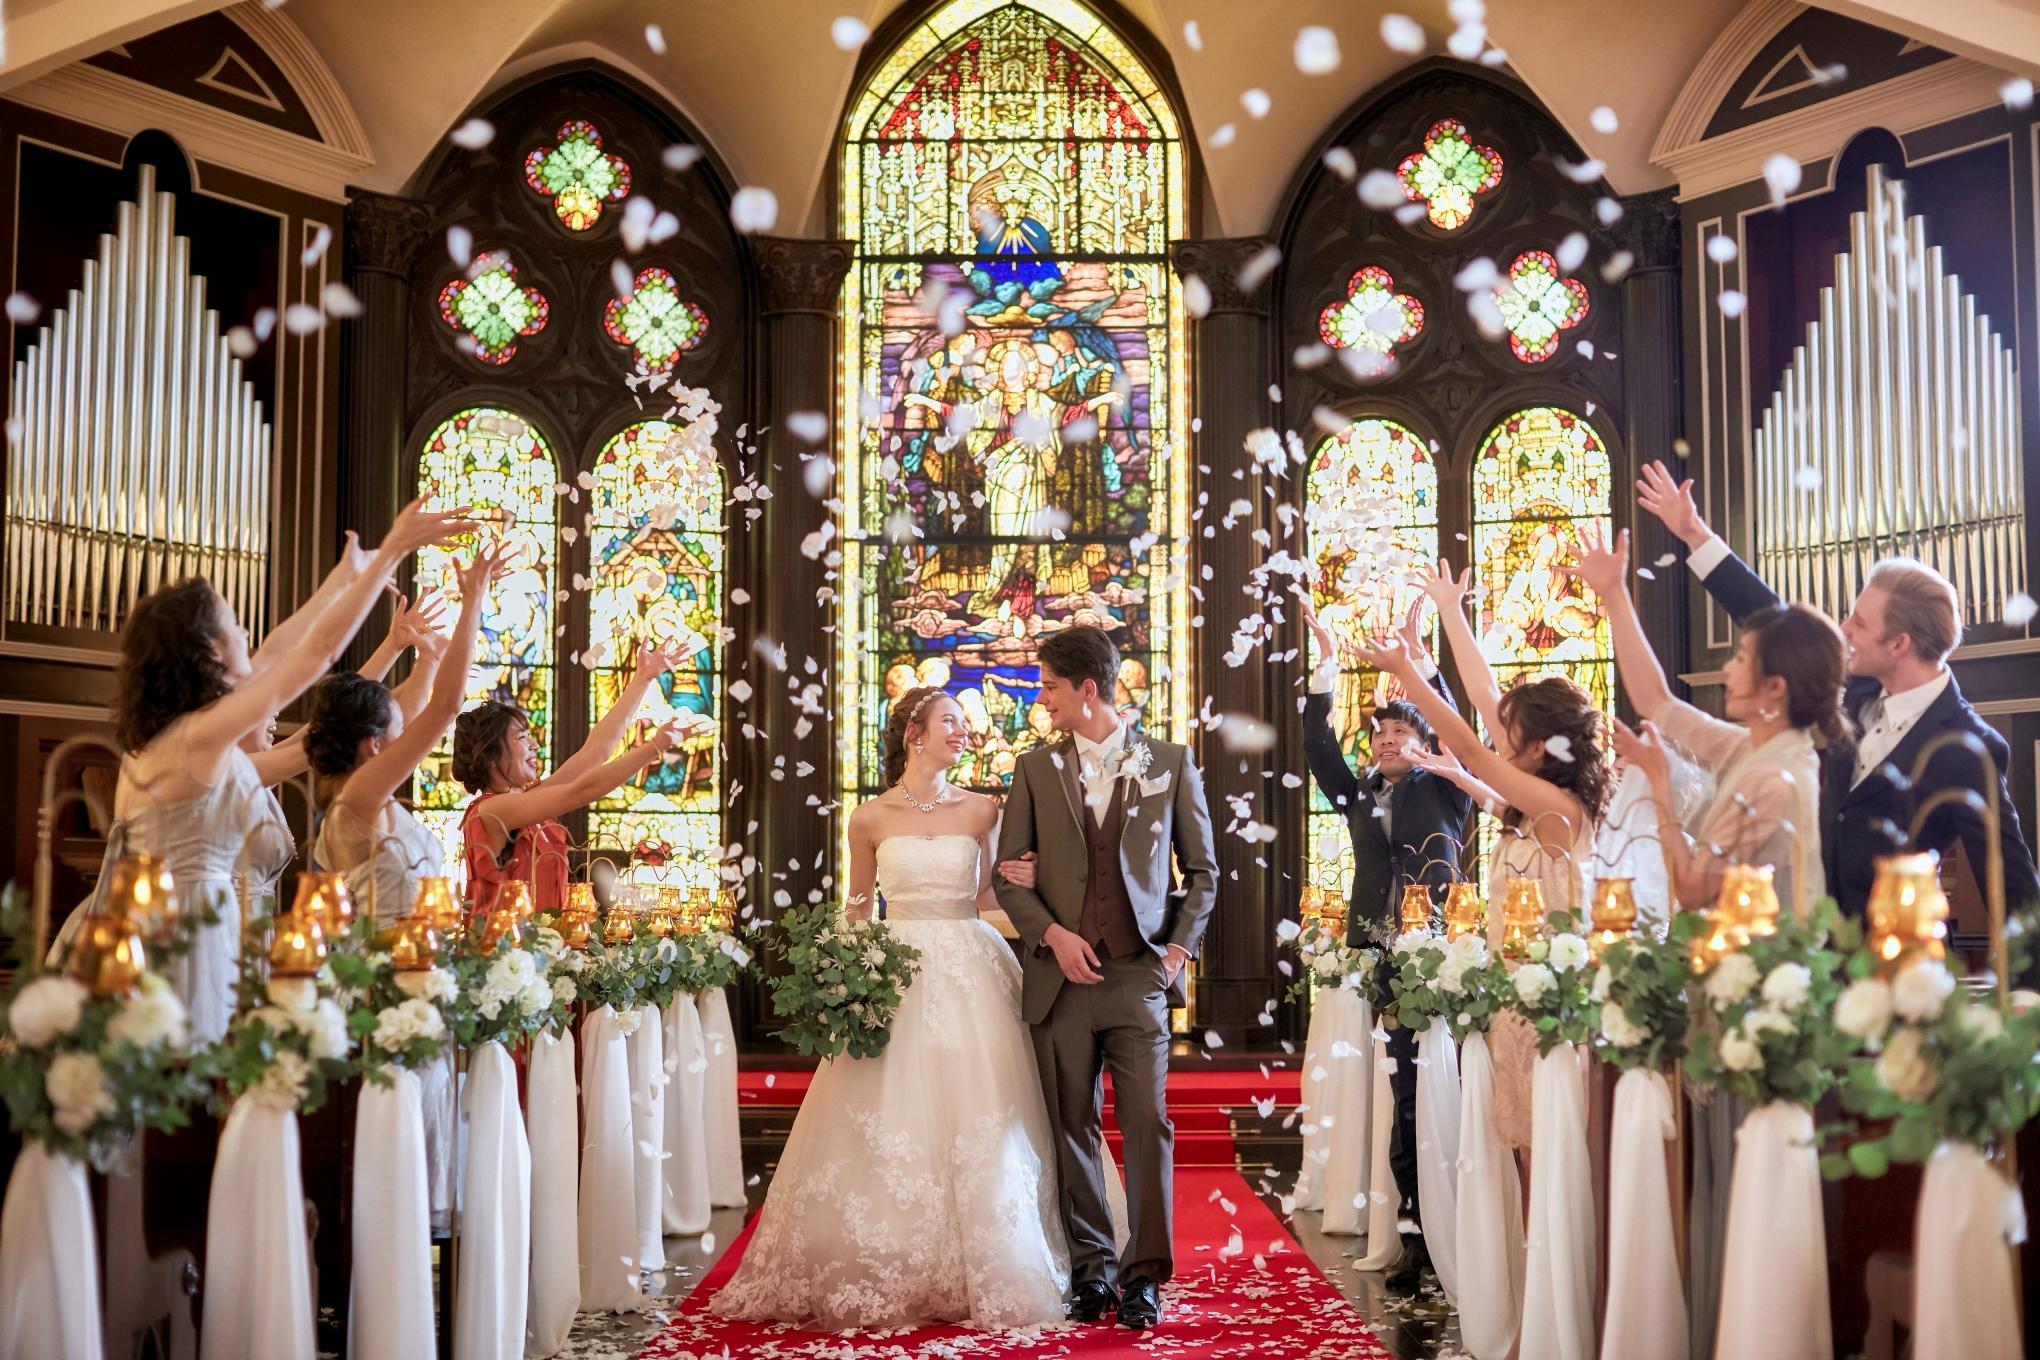 ◆HP限定◆2021年8月末までプラン【60名189万円】お得な結婚式のラストチャンス!!